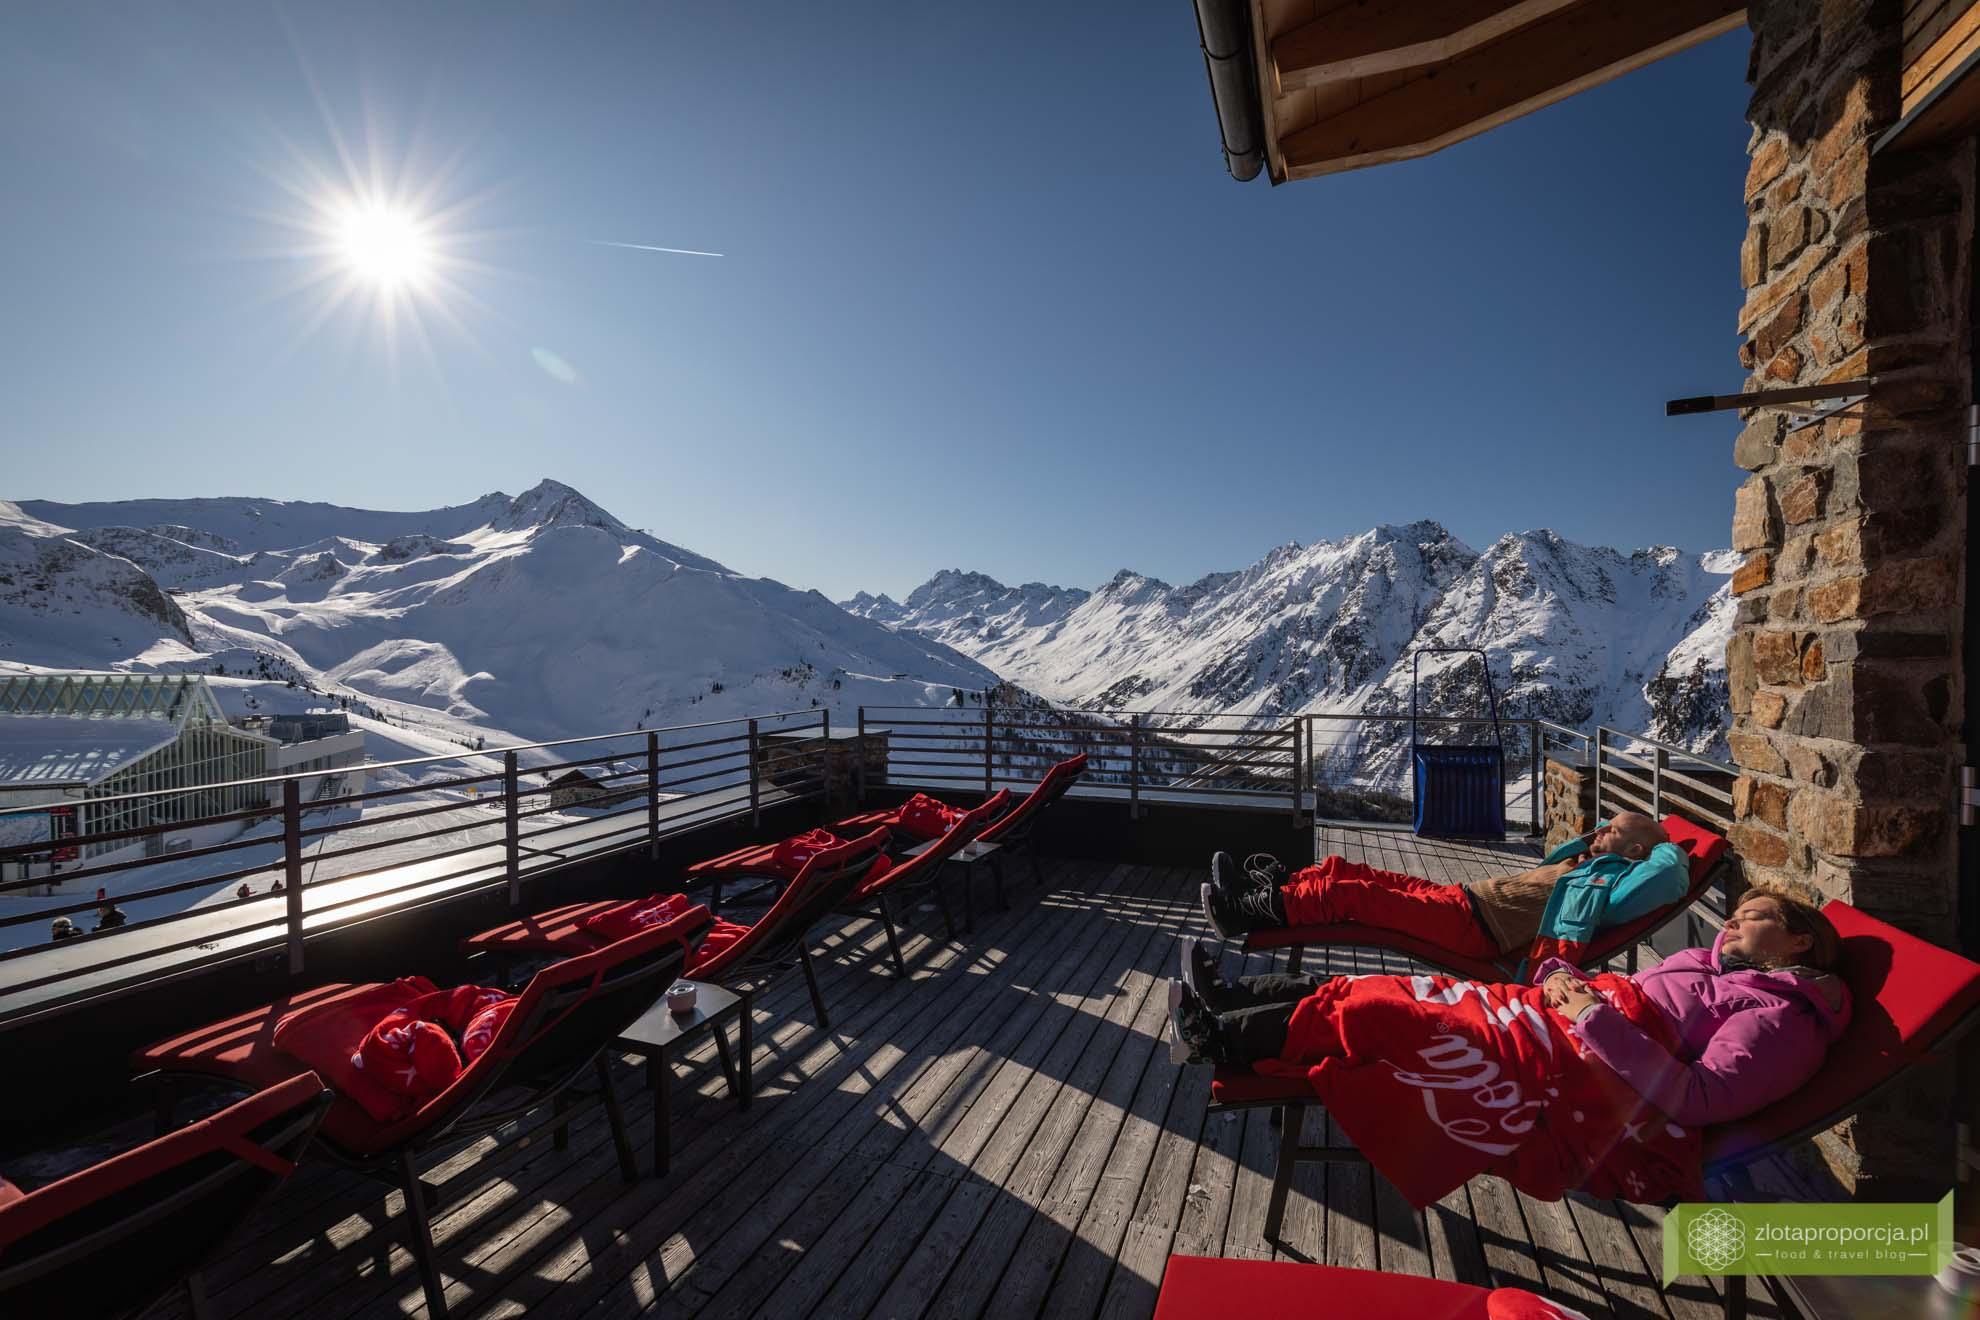 Ischgl; Tyrol; narty w Tyrolu; narty w Austrii; Alpenhaus Ischgl; gdzie zjeść w Ischgl;